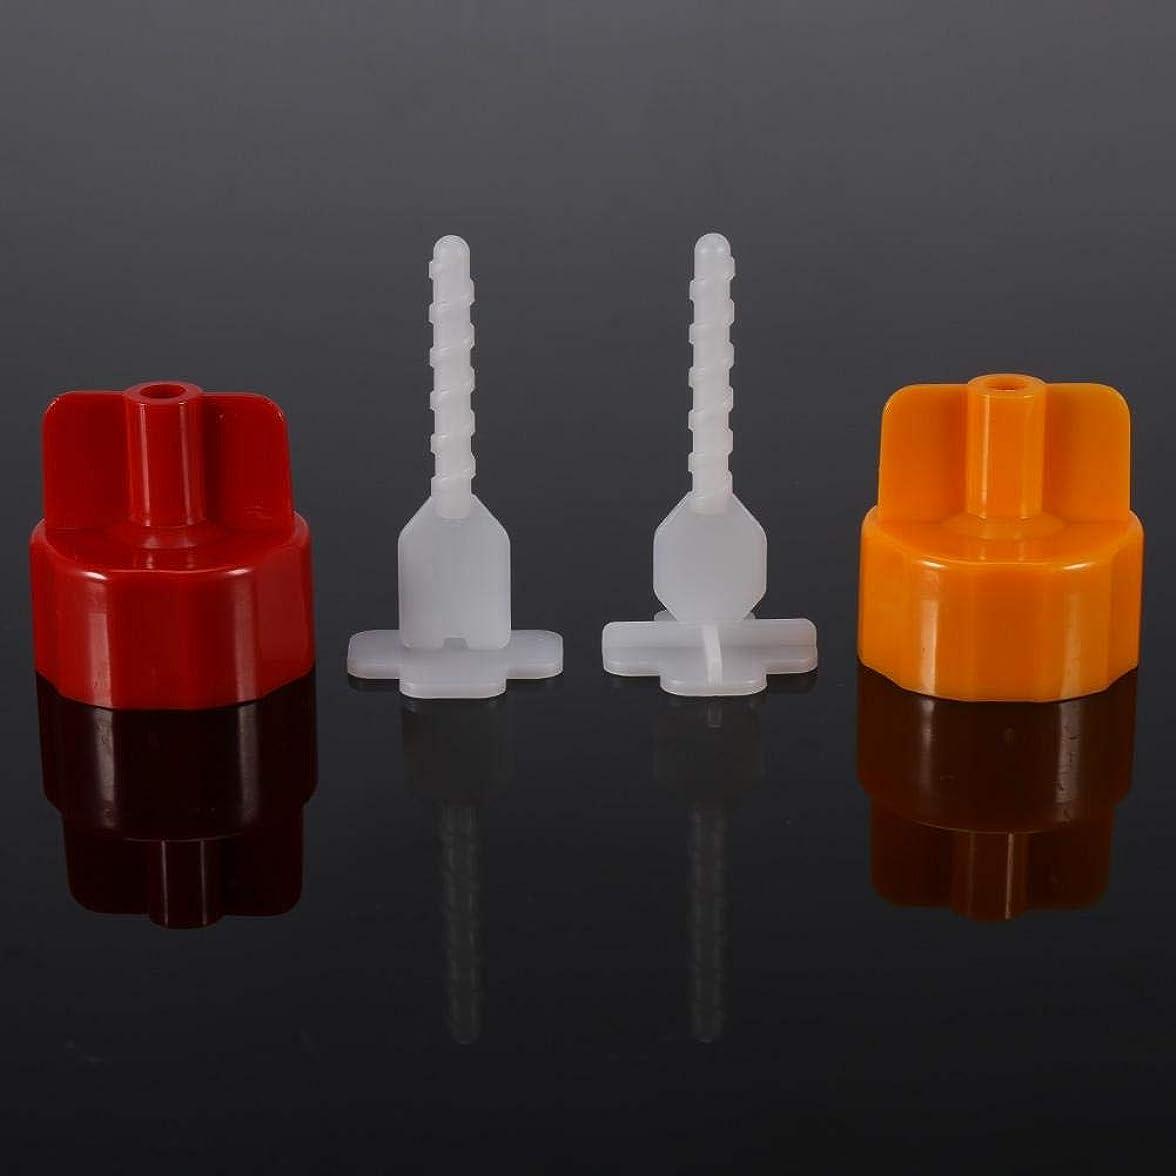 ドナーコンドームにプラスチッククリップ 床壁タイルスペーサーストラップ タイルフラットレベリングシステムツール プラスチック製 頑丈 耐久性 再利用可能 経済的 環境に優しい タイルの隙間2mmに適用(「+」ベースDL-F01A2)